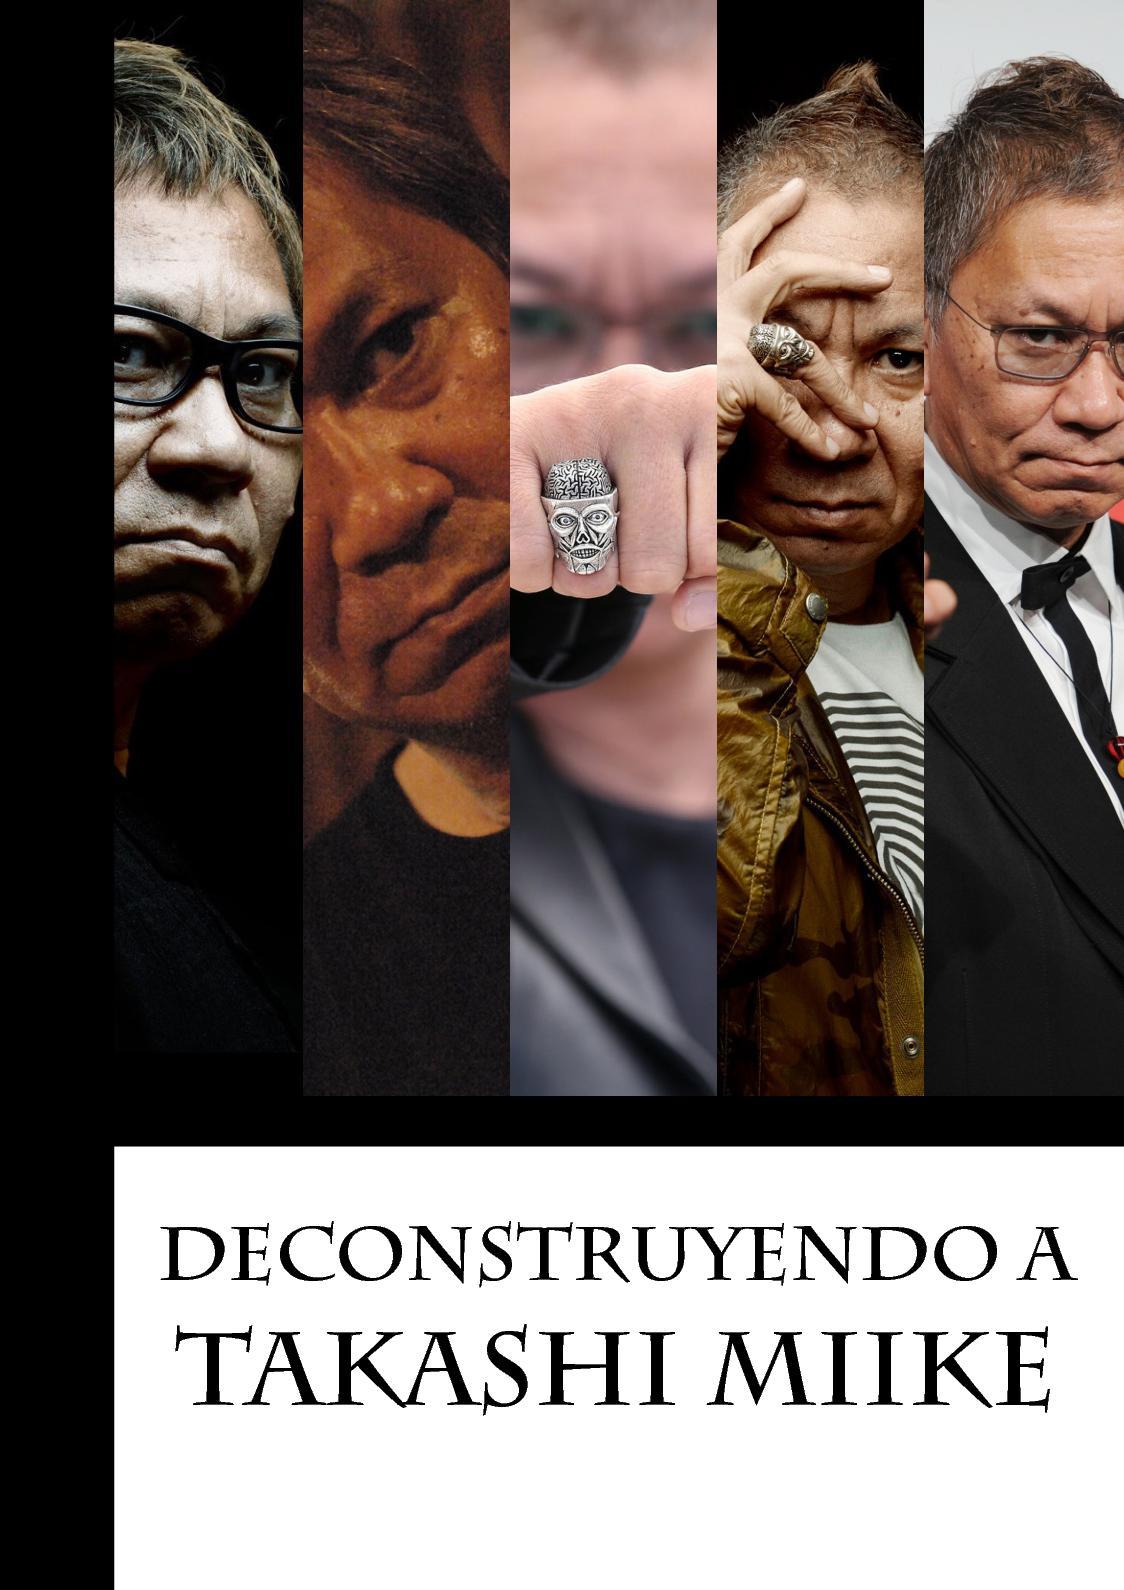 Asiateca - Deconstruyendo A Takashi Miike